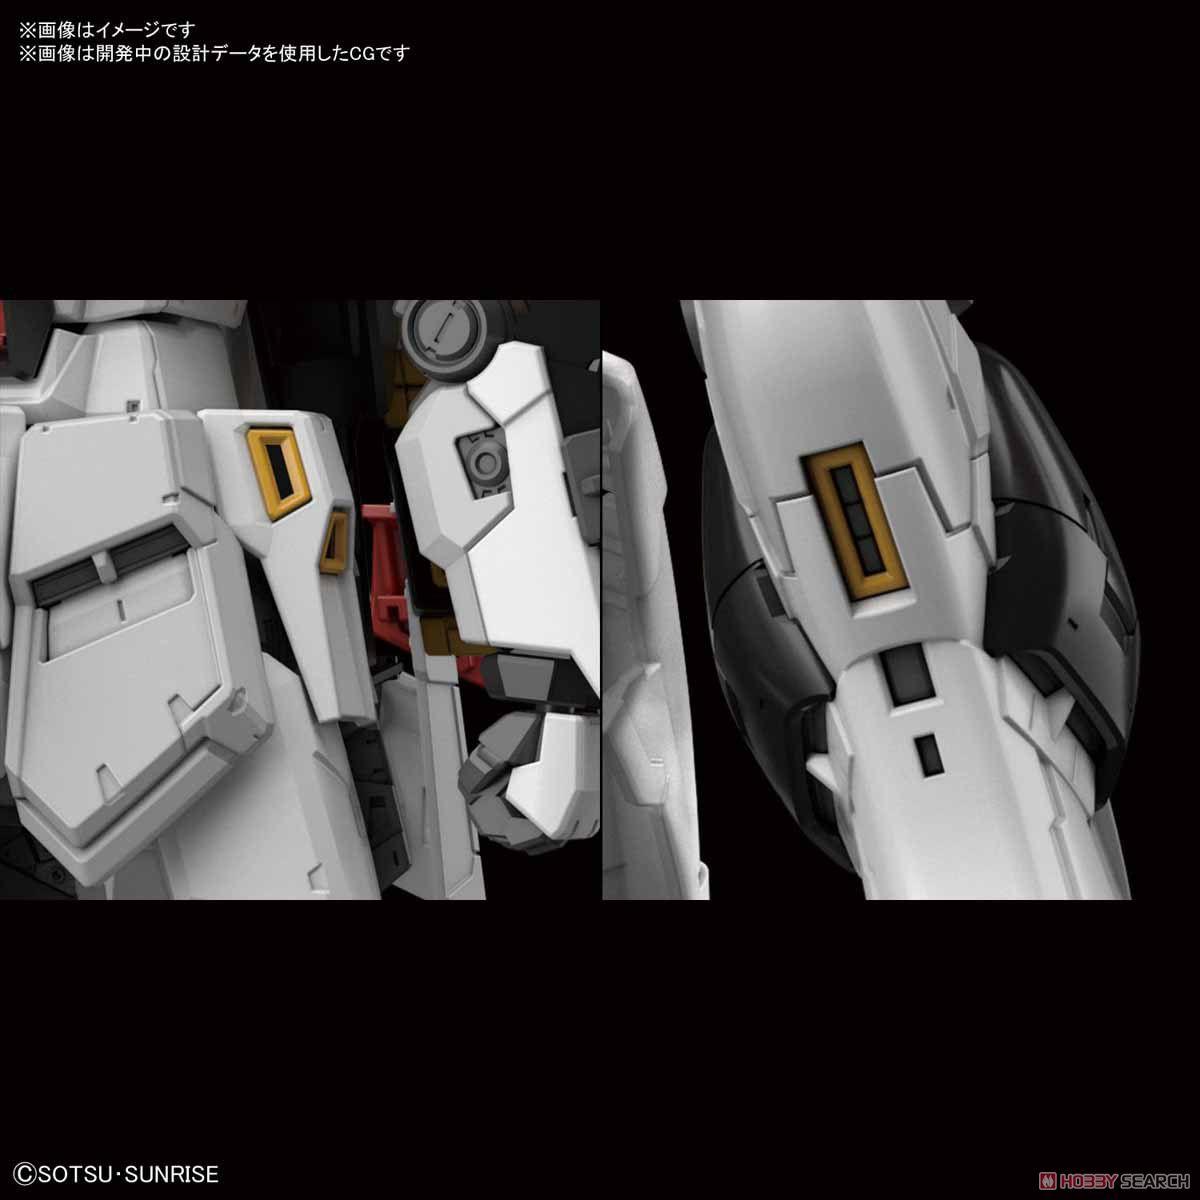 【再販】RG 1/144『νガンダム』逆襲のシャア プラモデル-009